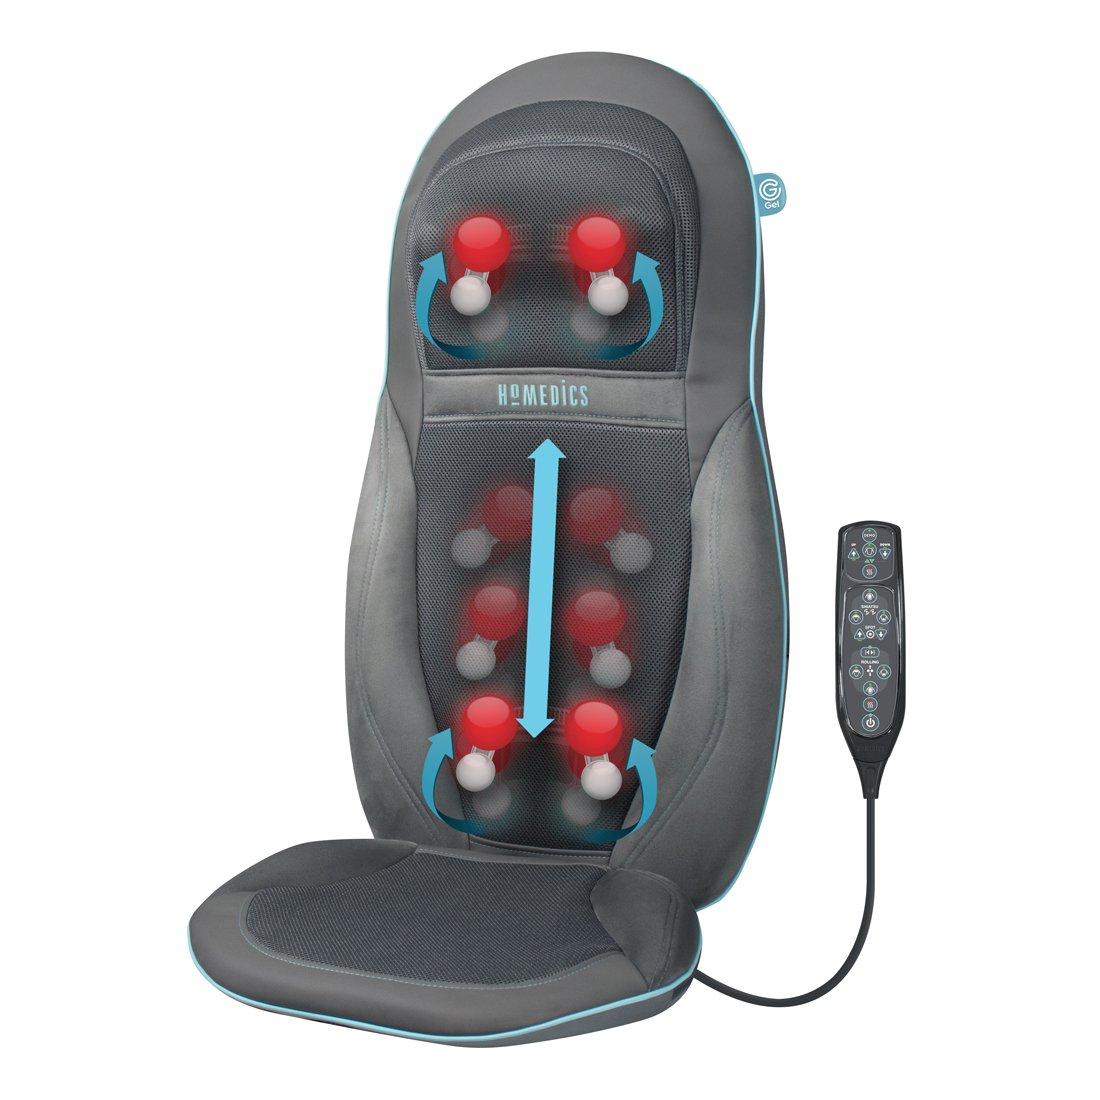 Homedics SGM1600 Exclusiva silla de masaje Technogel, motor doble para el cuello y la espalda